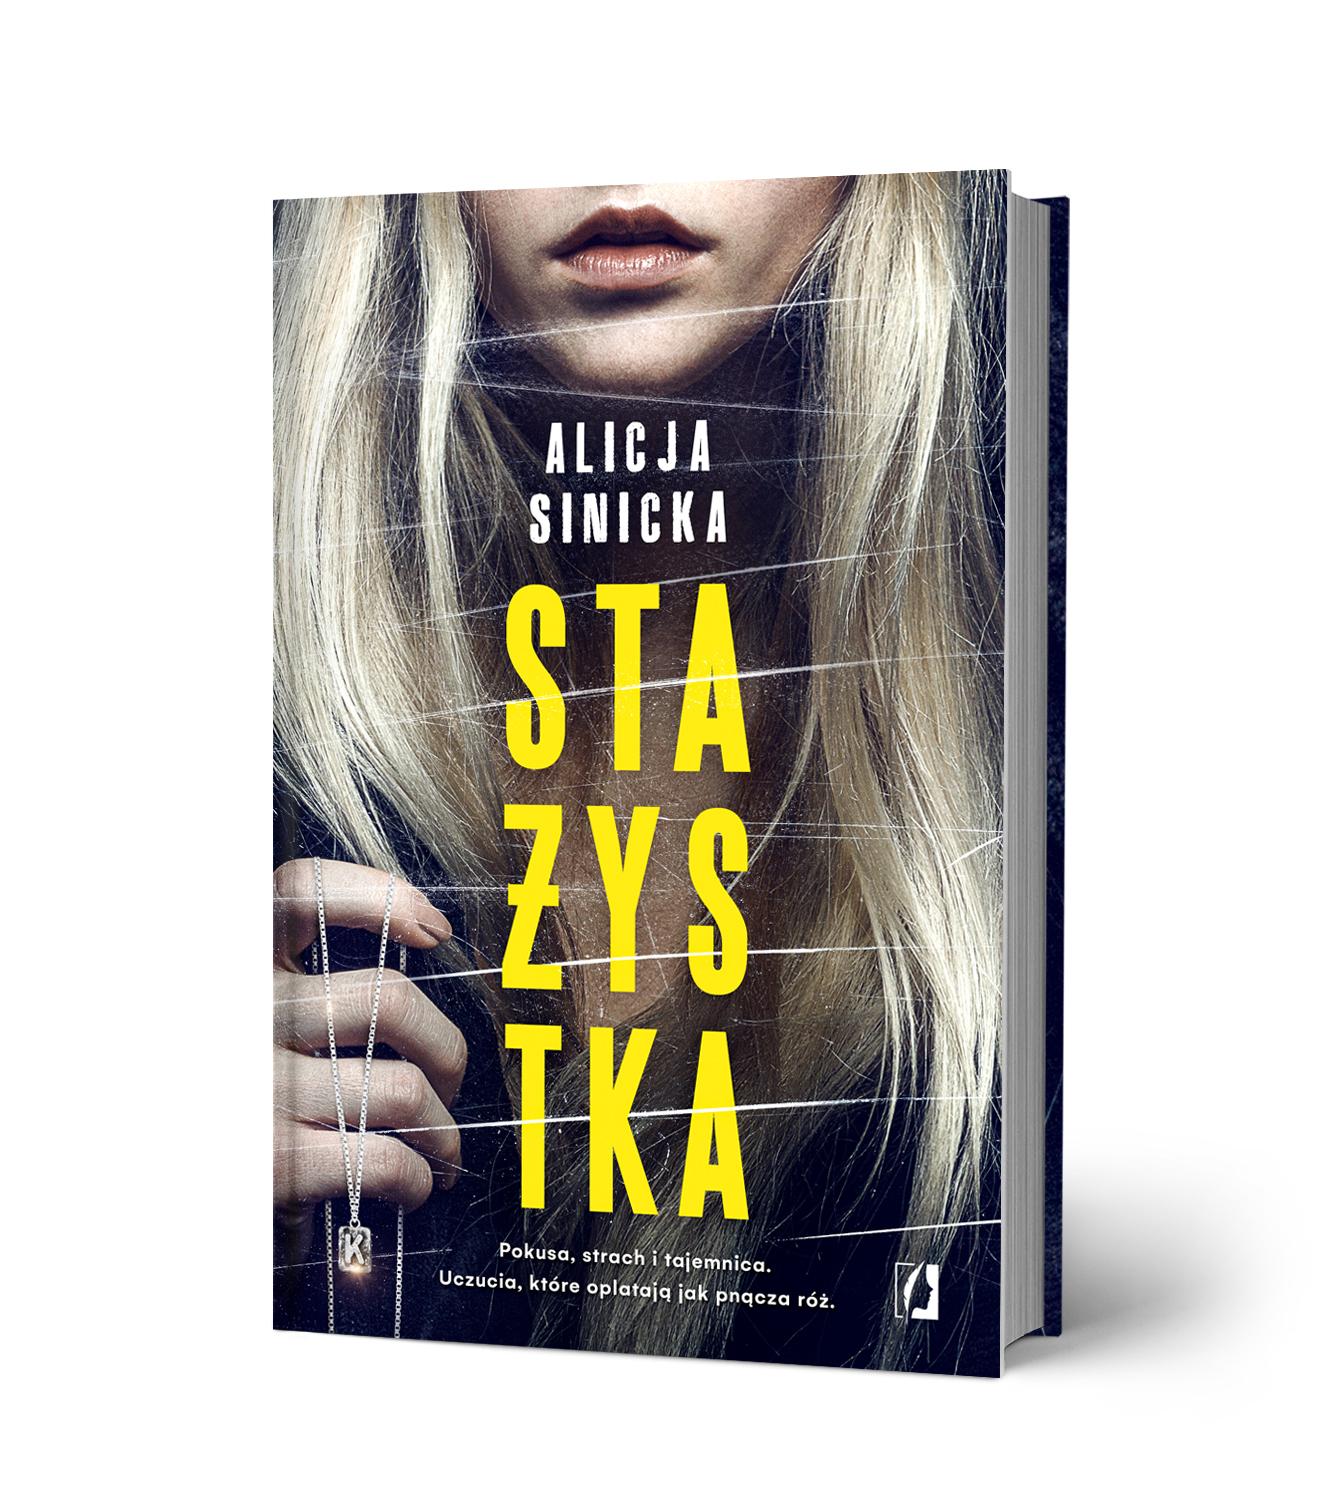 """Znalezione obrazy dla zapytania: Stażystka Alicja Sinicka"""""""